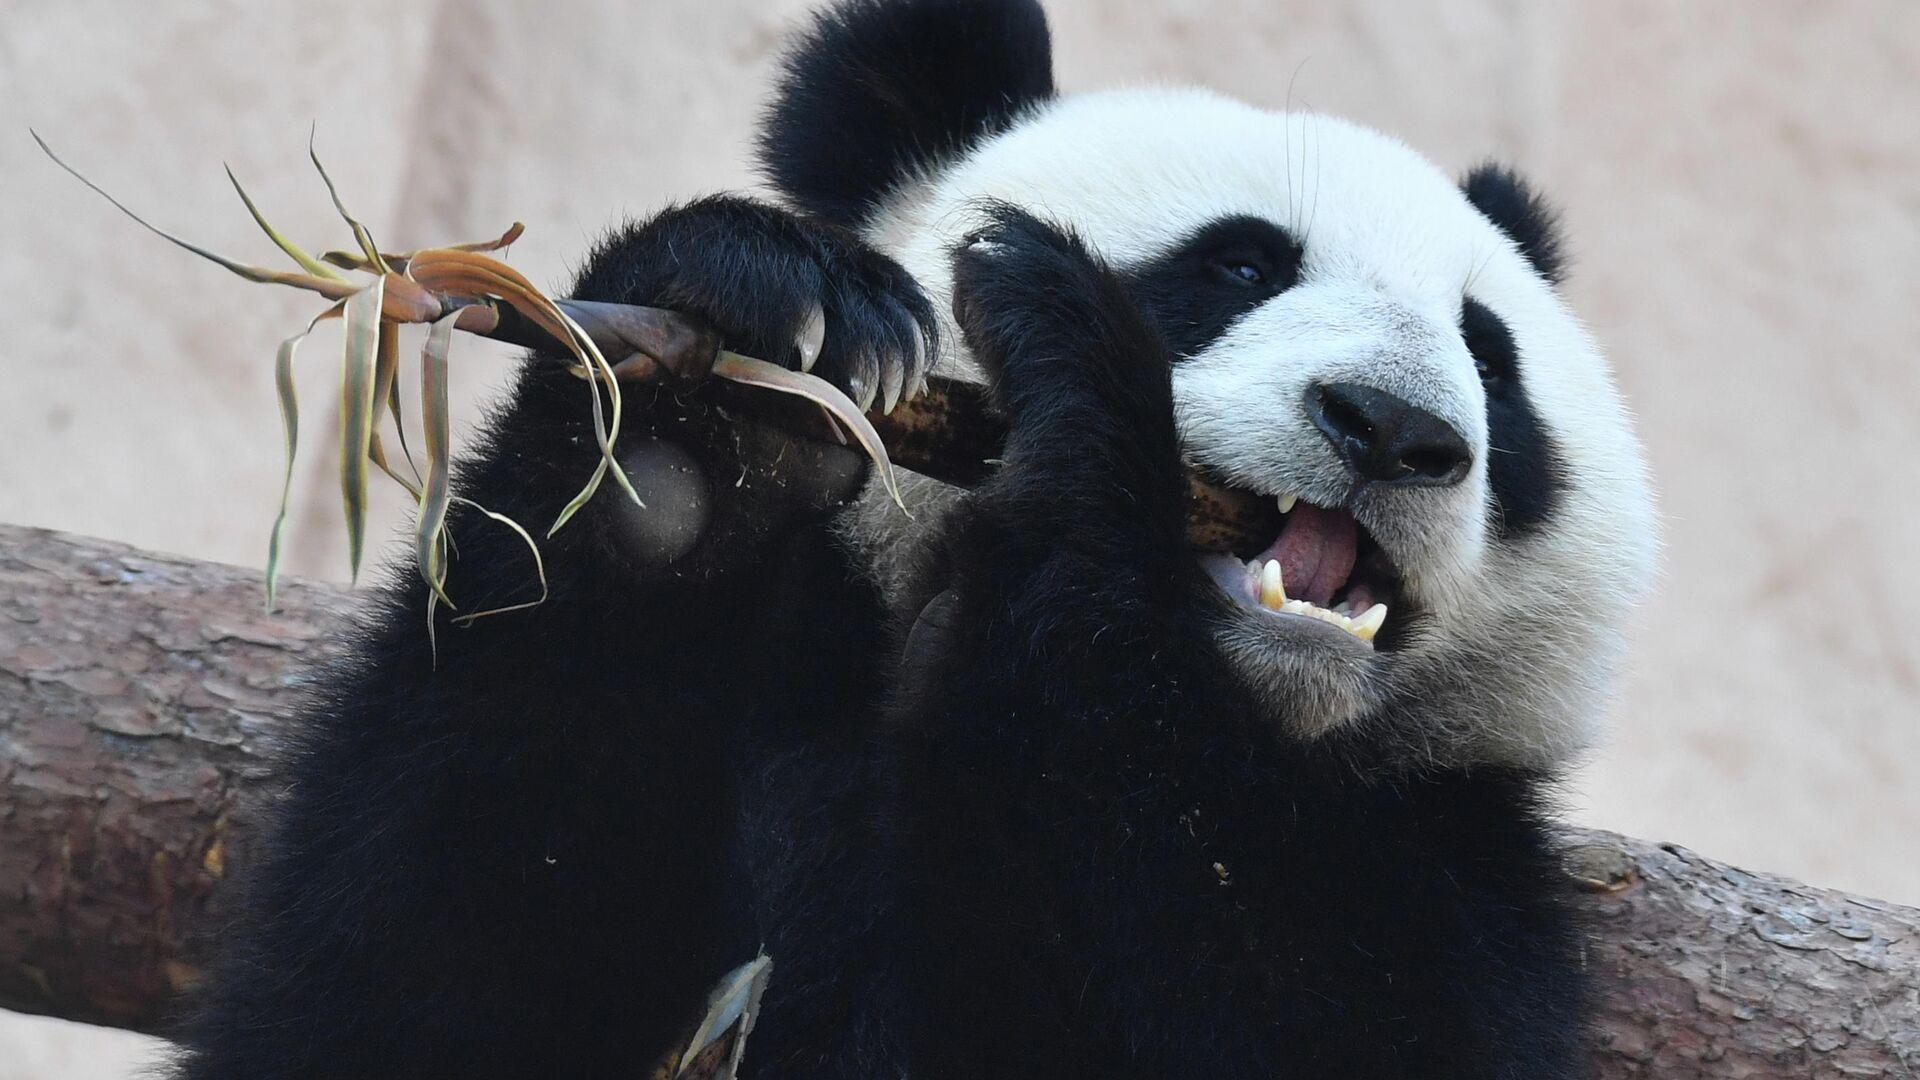 Большая панда, переданная Китаем Московскому зоопарку, в павильоне Фауна Китая - РИА Новости, 1920, 31.07.2021